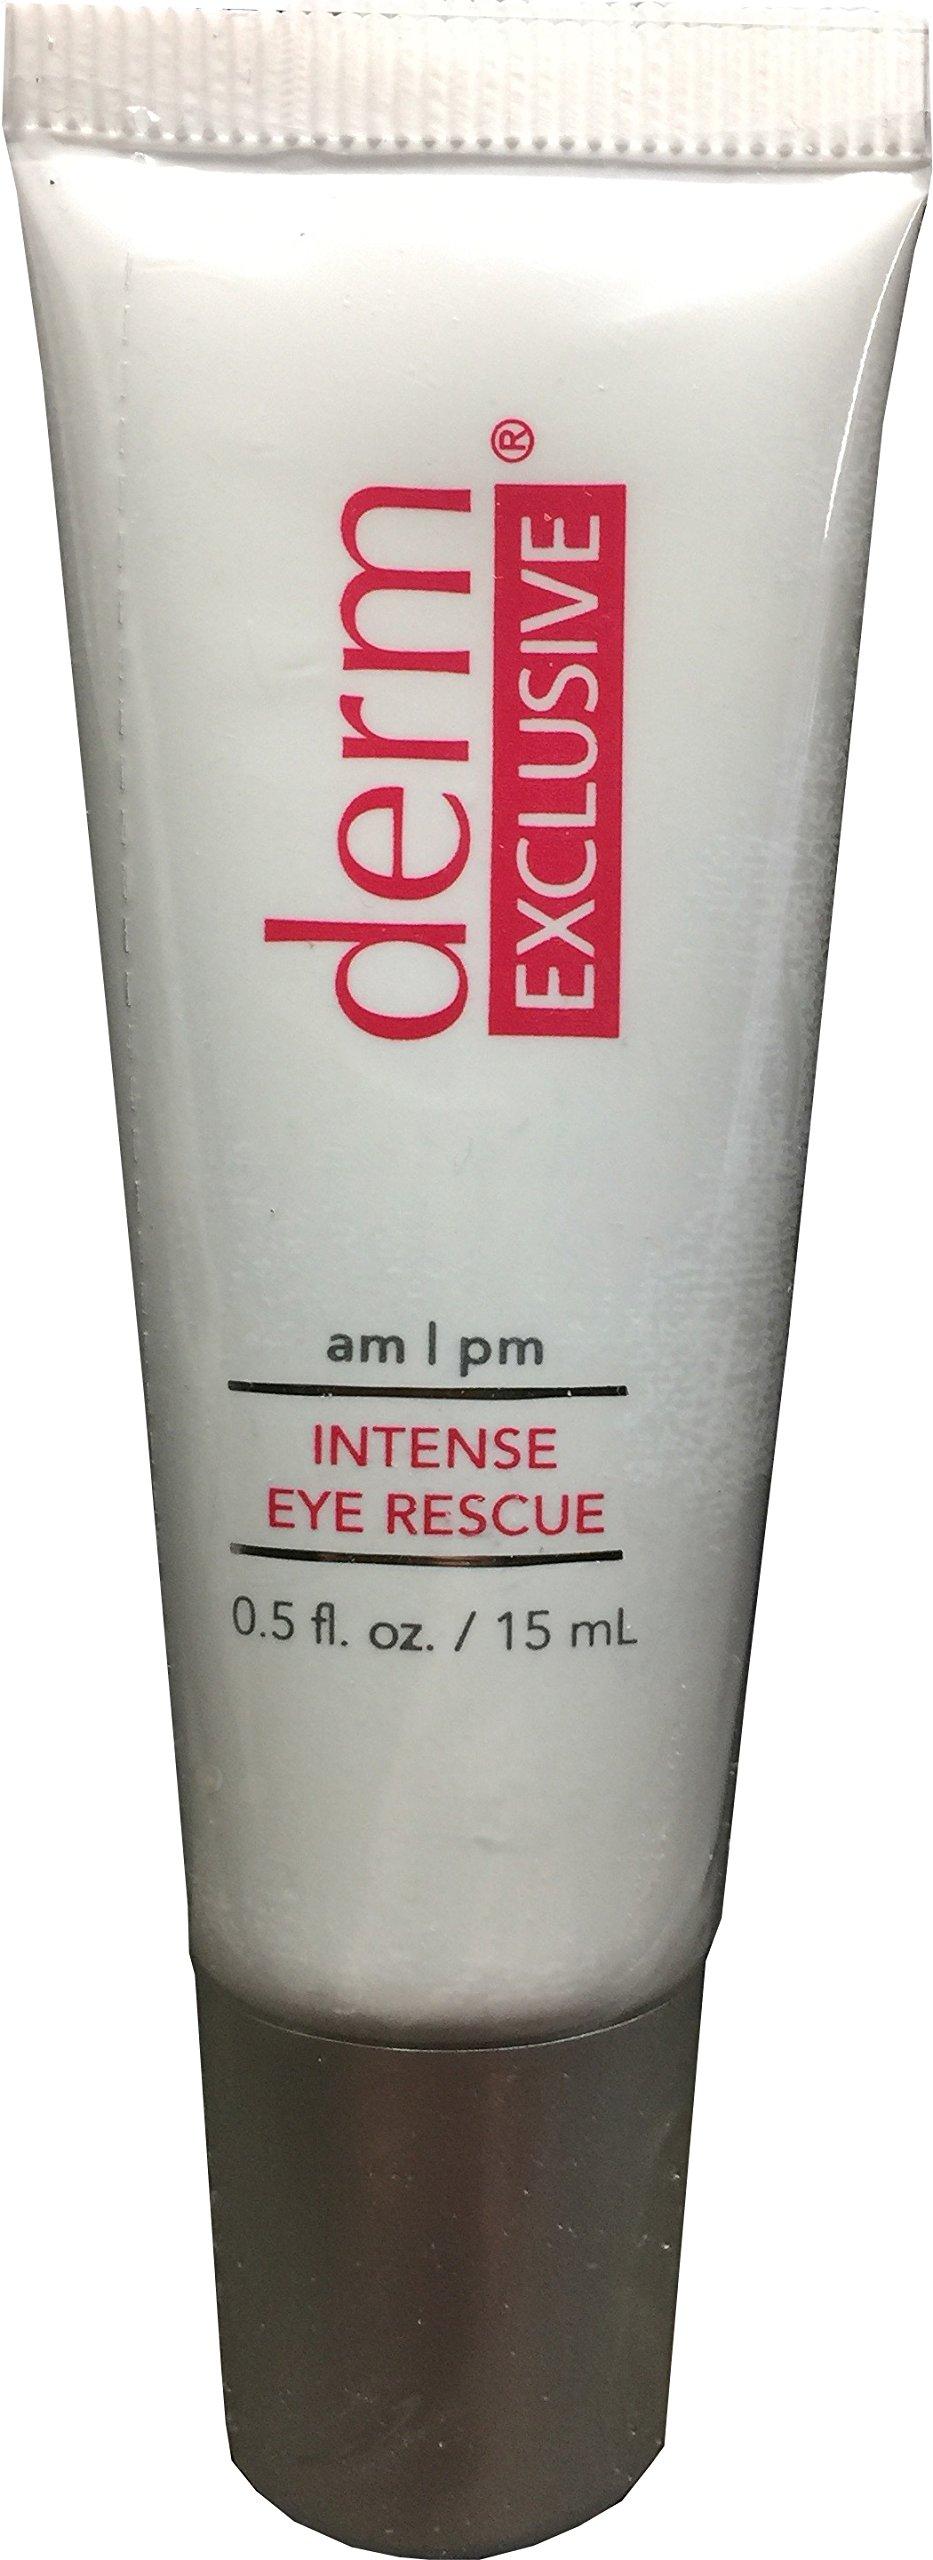 Derm Exclusive Intense Eye Rescue .5 oz